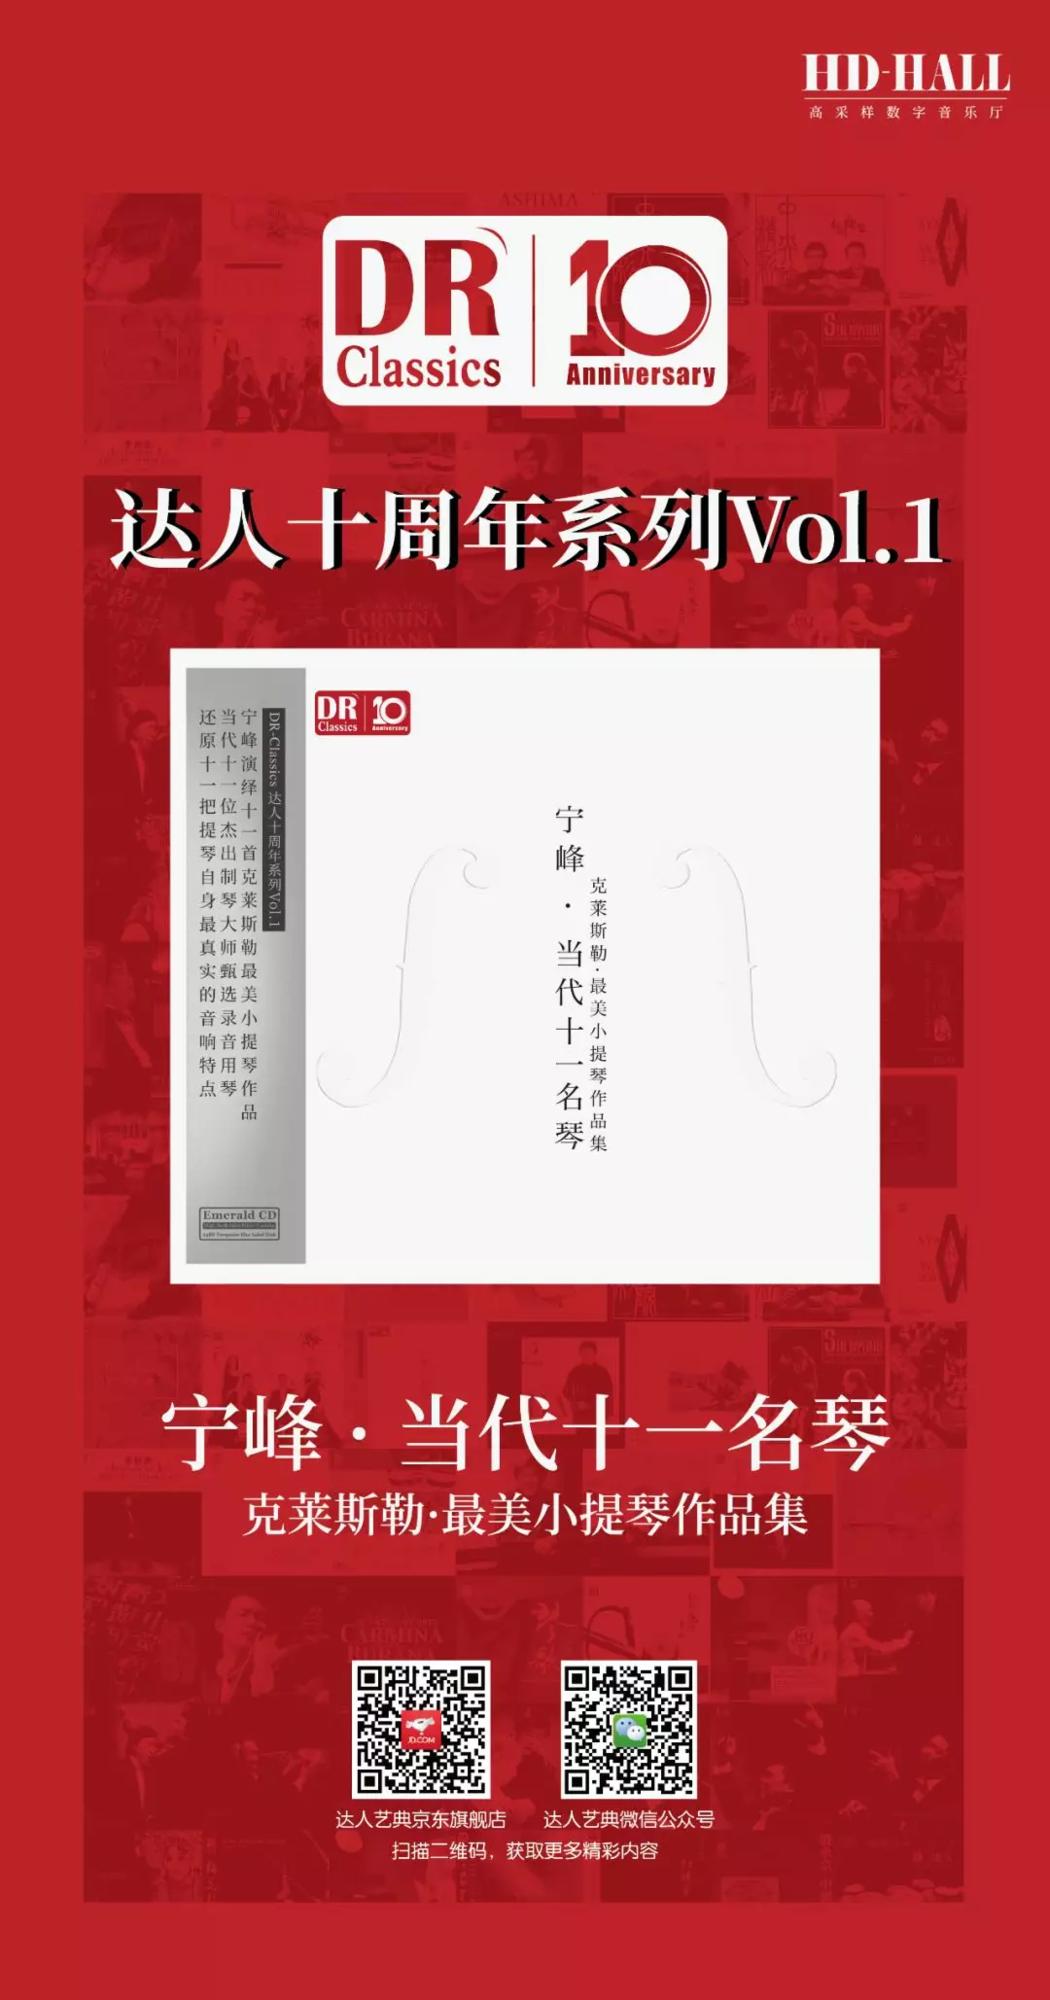 达人十周年 宁峰·当代十一名琴 克莱斯勒·最美小提琴作品集